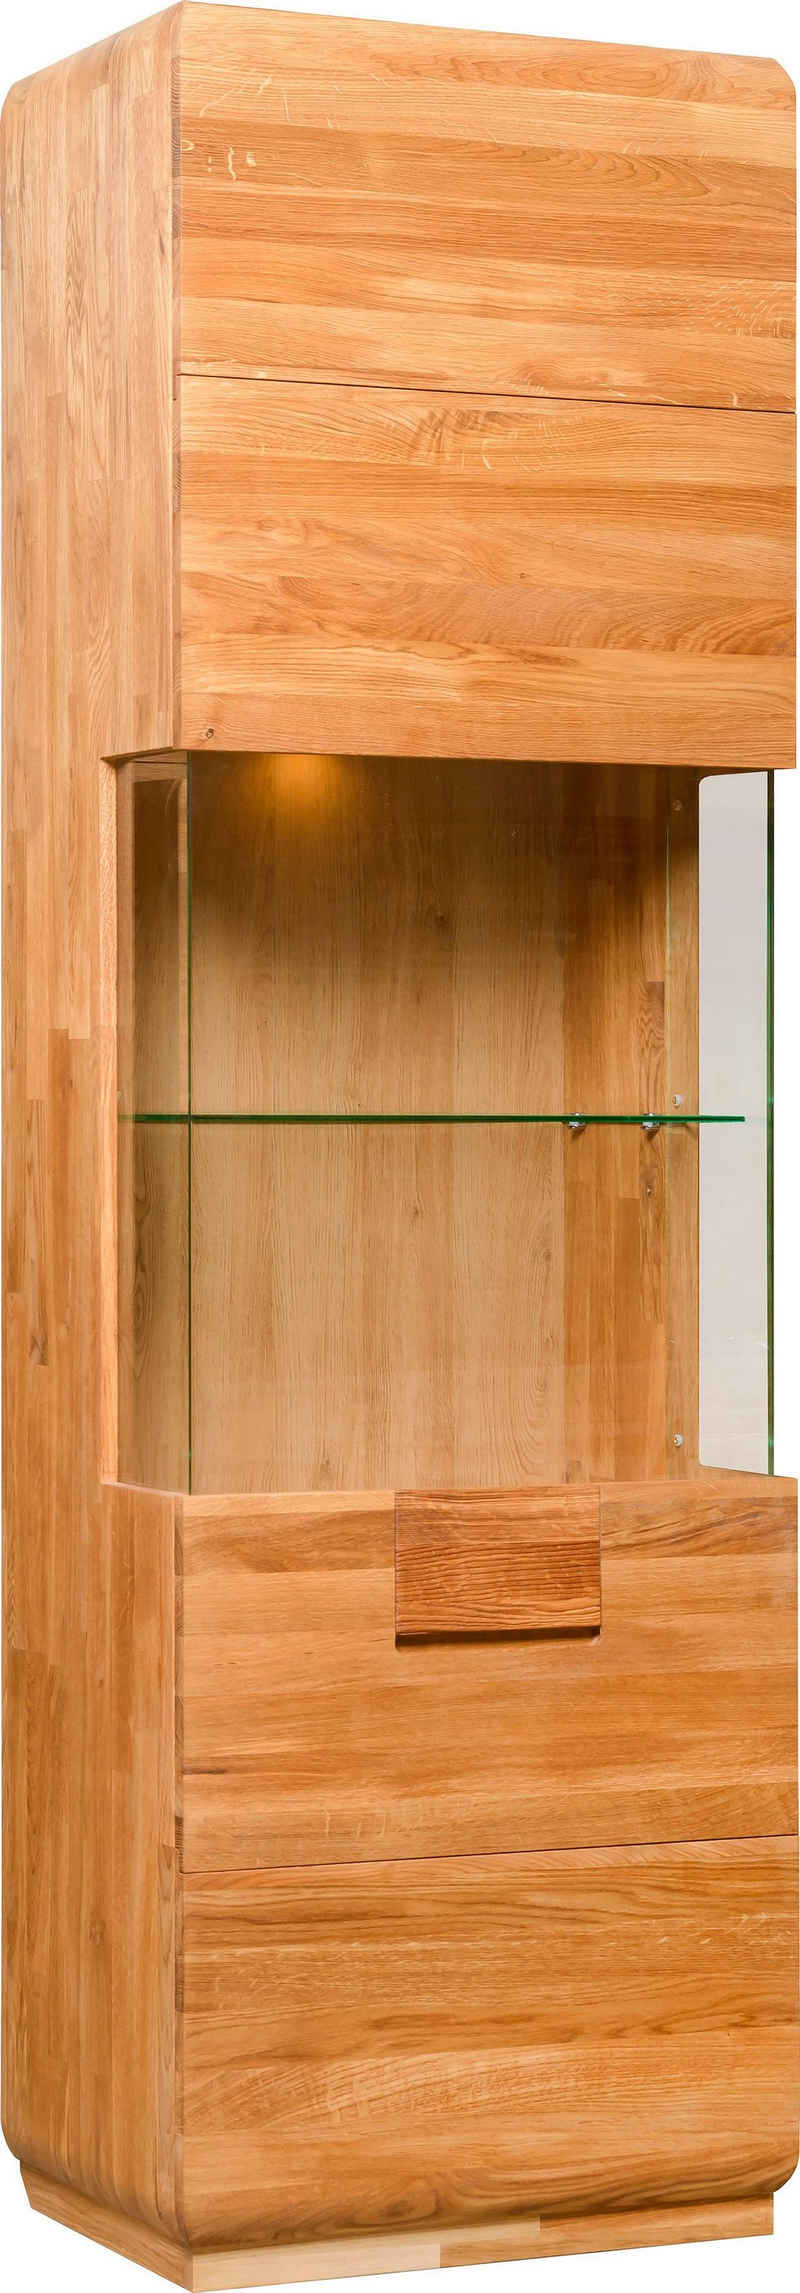 andas Vitrine »Freyr« aus massivem Eichenholz, inklusive einer Hintergrundbeleuchtung, Breite 60 cm